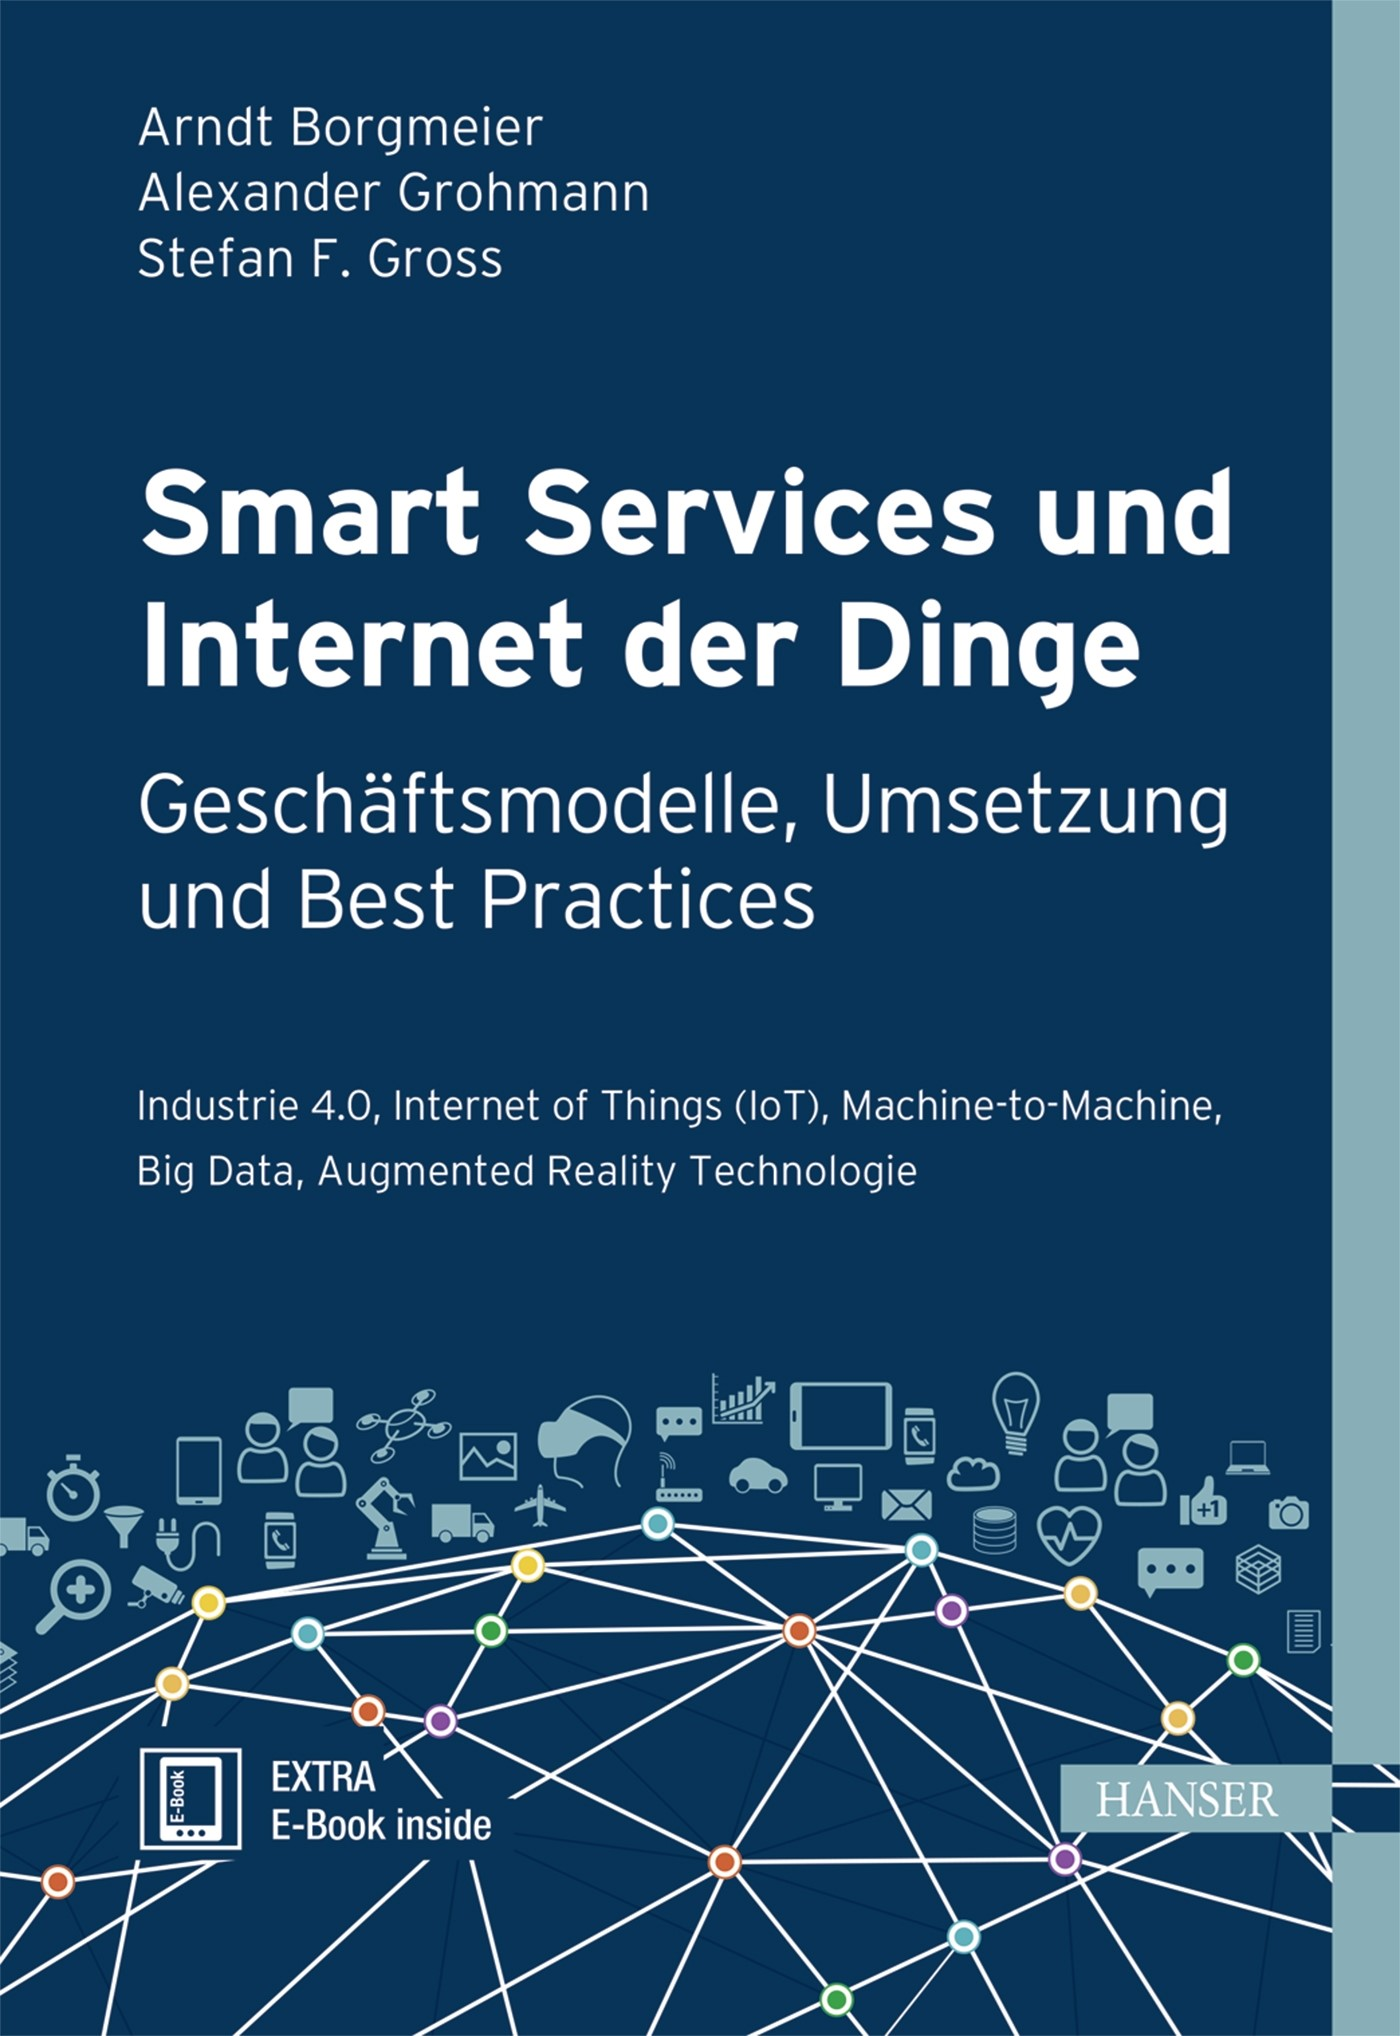 Smart Services und Internet der Dinge: Geschäftsmodelle, Umsetzung und Best Practices   Borgmeier / Grohmann / Gross, 2017 (Cover)